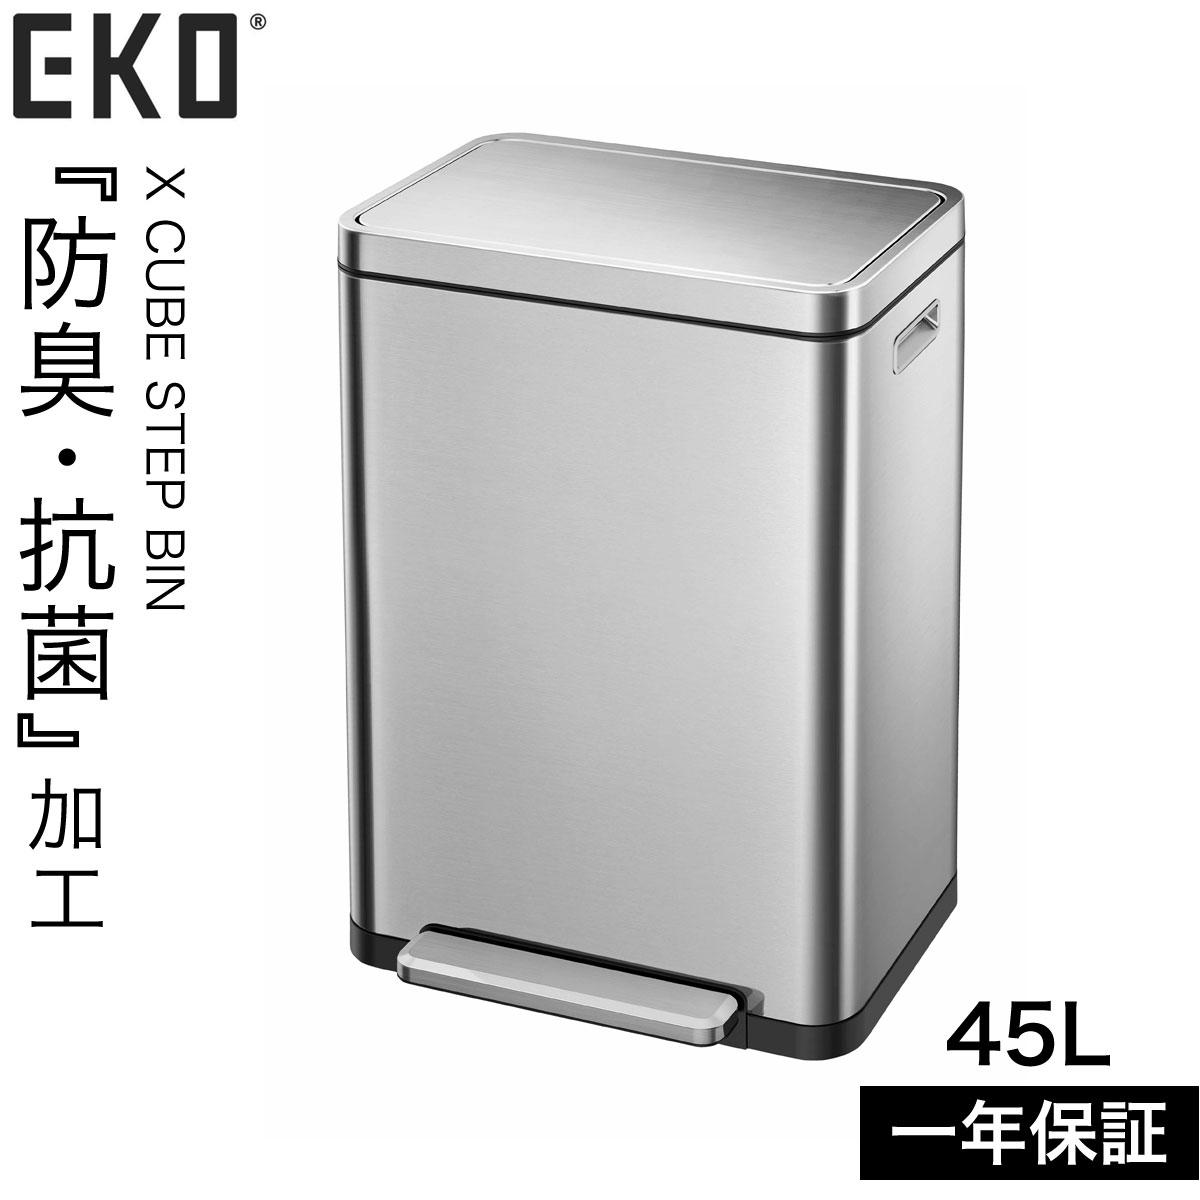 ゴミ箱 ごみ箱 EKO 消臭 ふた付き 蓋付き 45l 45リットル キッチン ペダル 密閉 エックスキューブステップビン 45L おしゃれ ステンレス メーカー直送